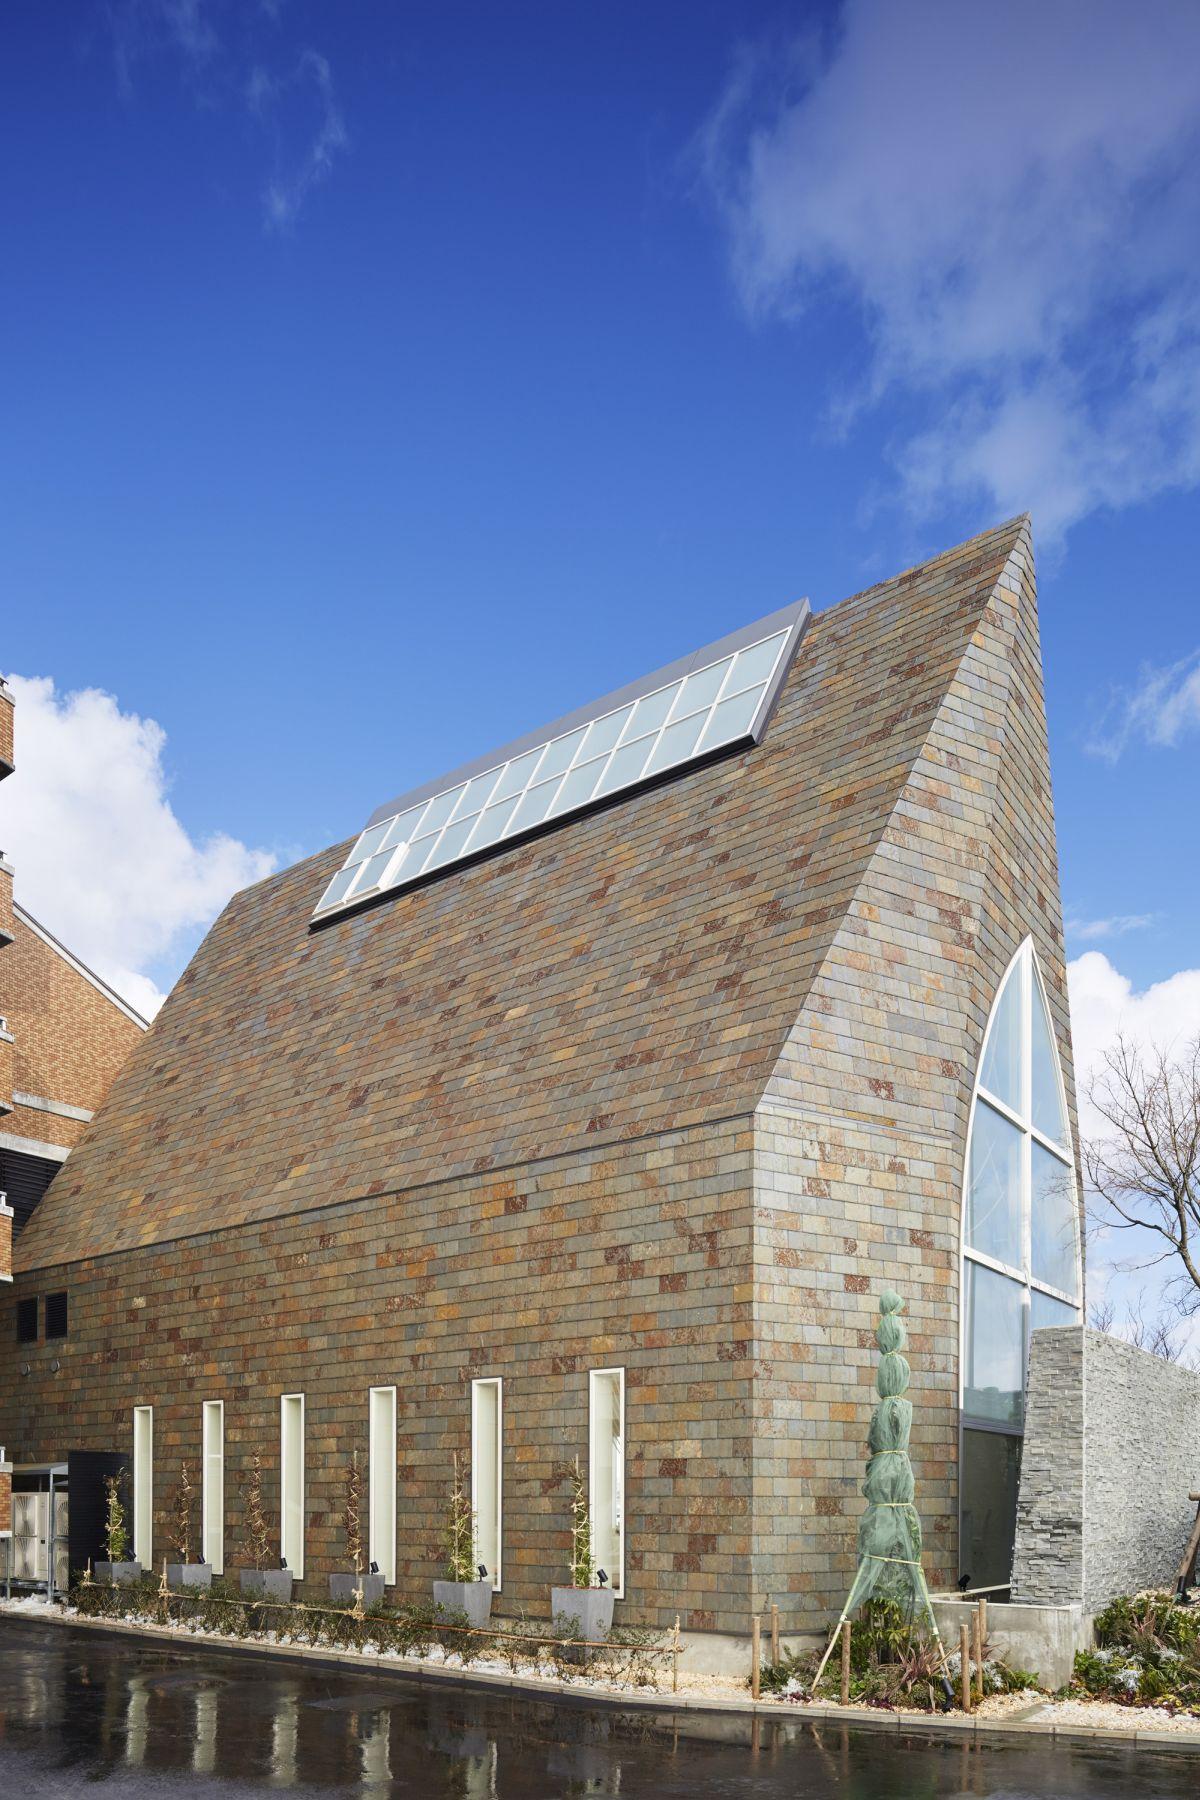 St. Voile Chapel Architecture